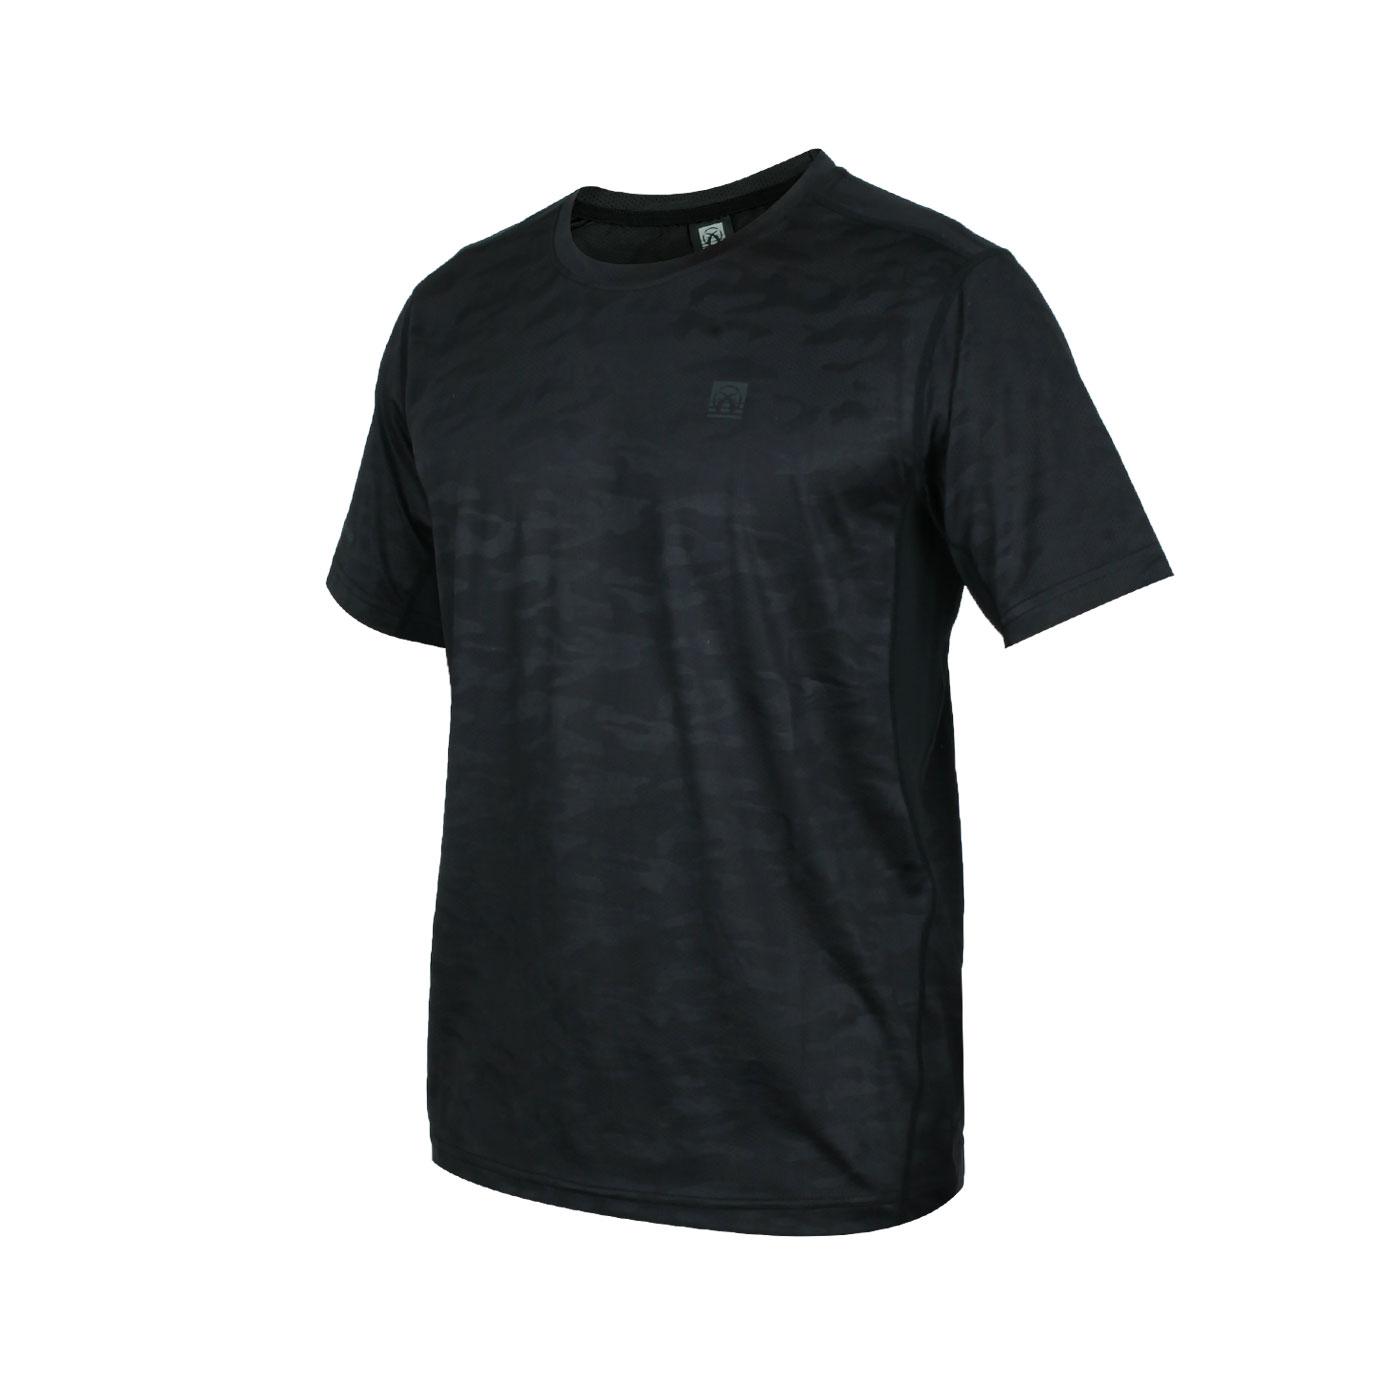 FIRESTAR 男款彈性圓領短袖T恤 D0532-10